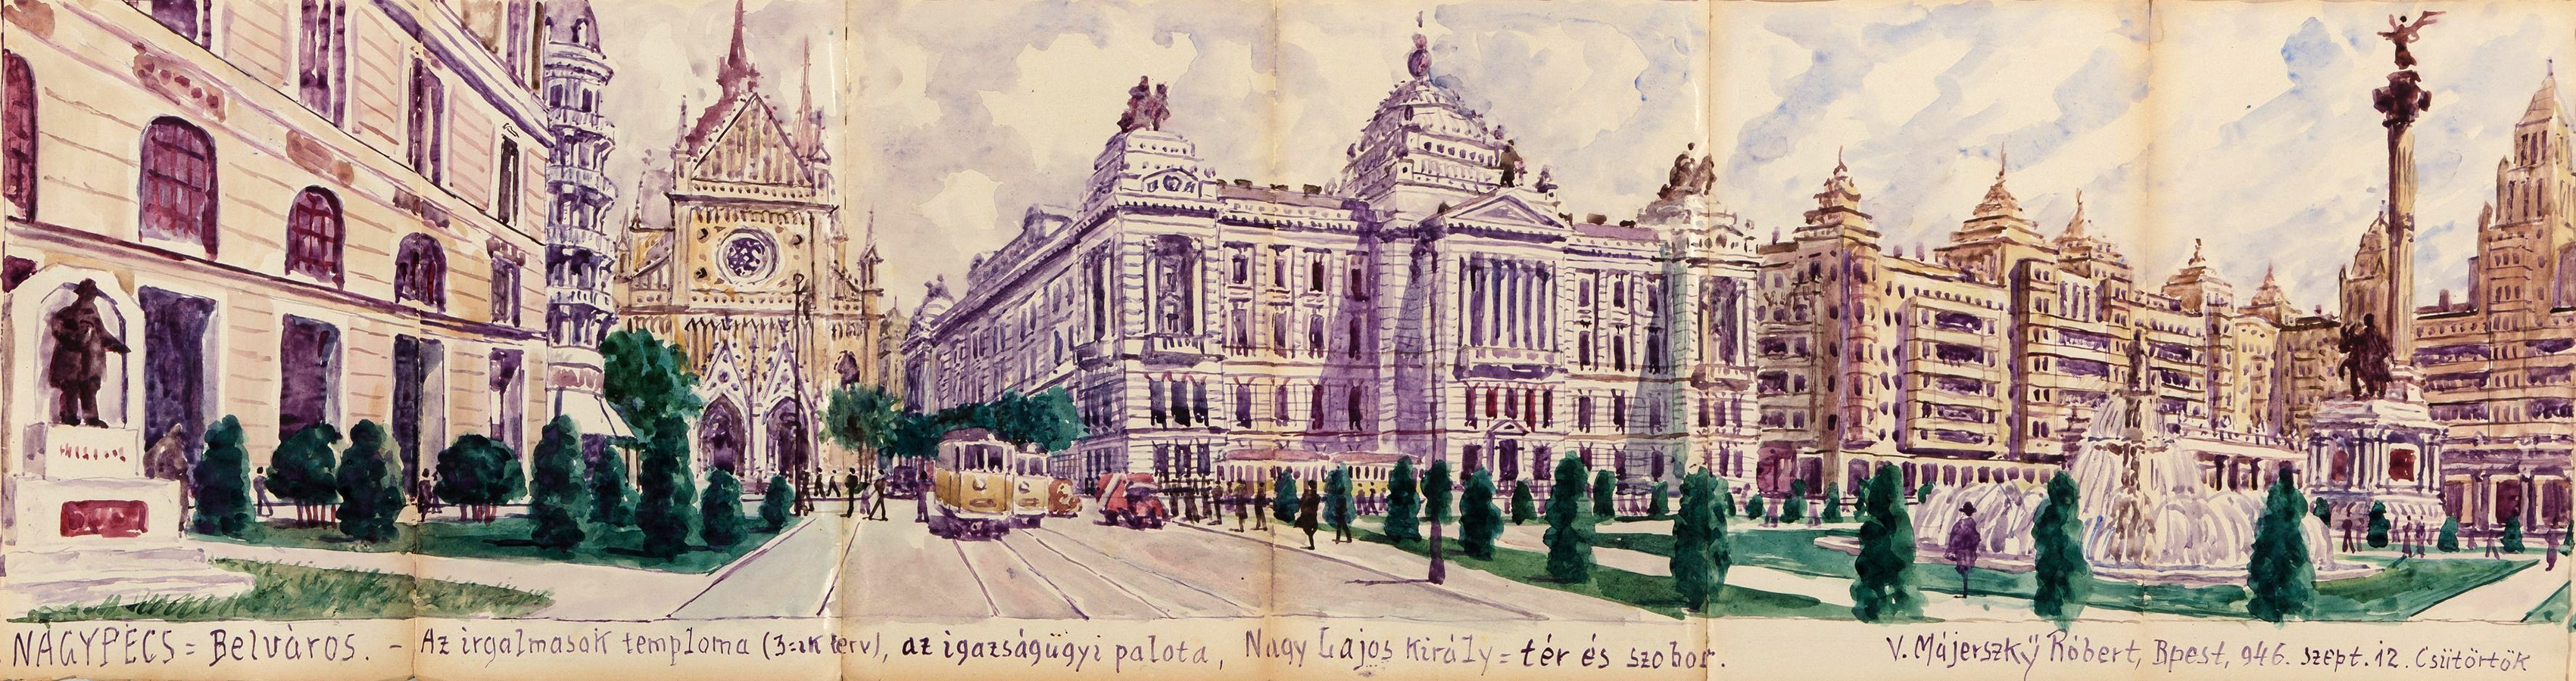 Pécs megapolisz 'Belváros' kerülete. A Nagy Lajos király tér. (Forrás: Janus Pannonius Múzeum)